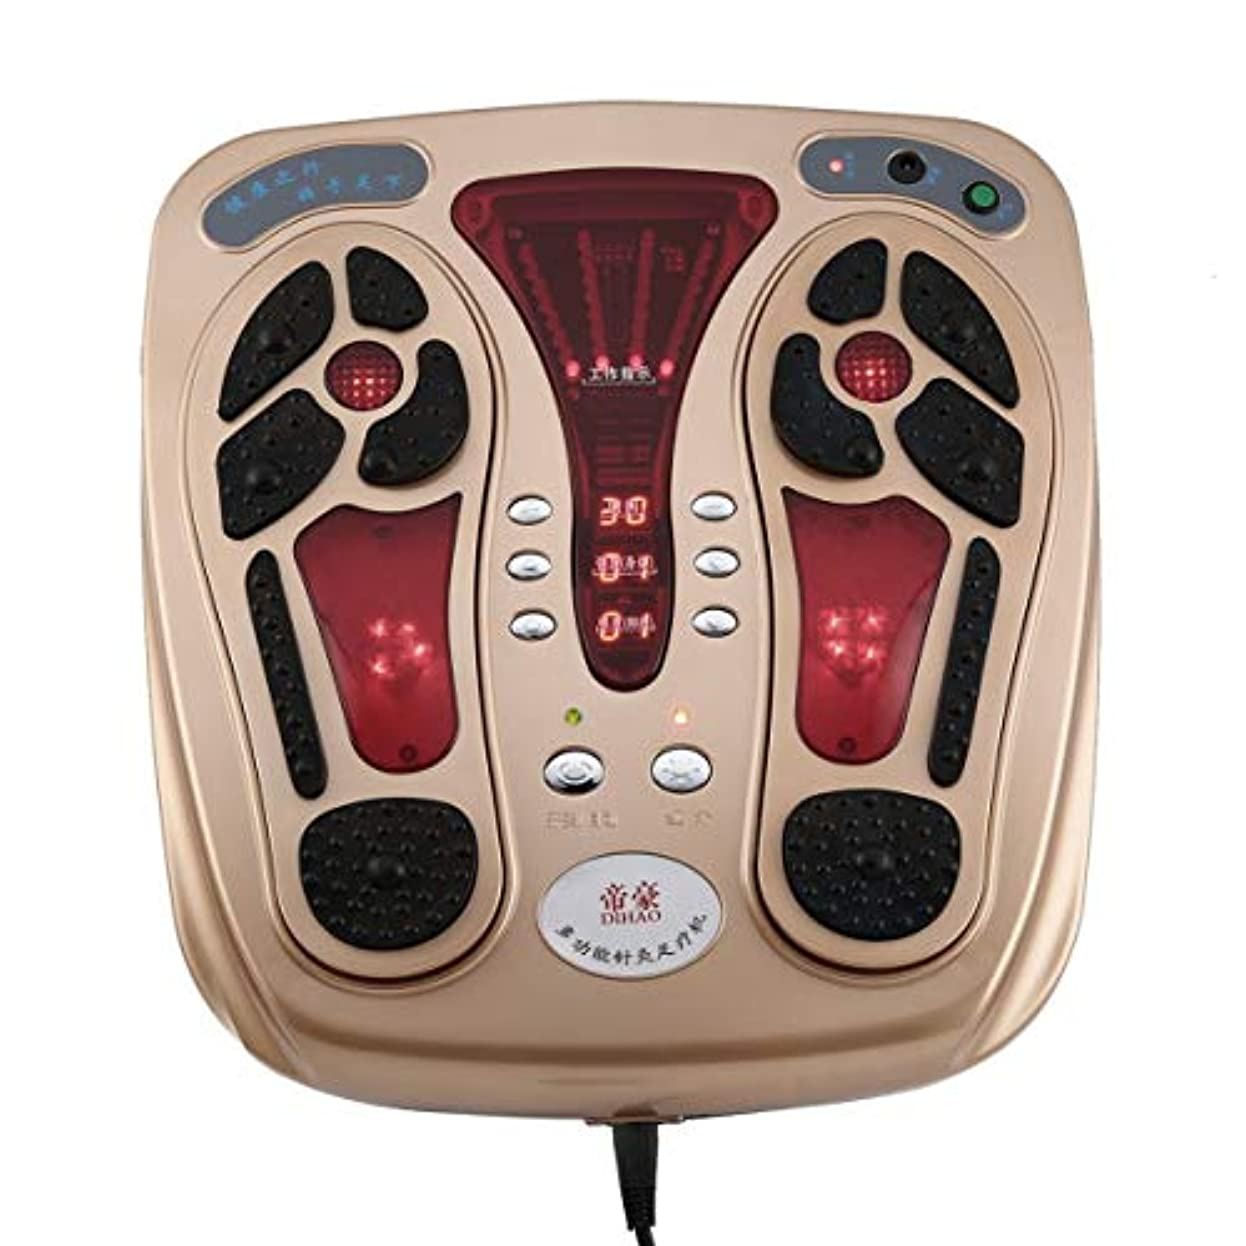 賃金ドライブ入口Multifunctional Body Health Care Foot Massaging Device Electromagnetic Infrared Wave Pulse Foot Massager Circulation...